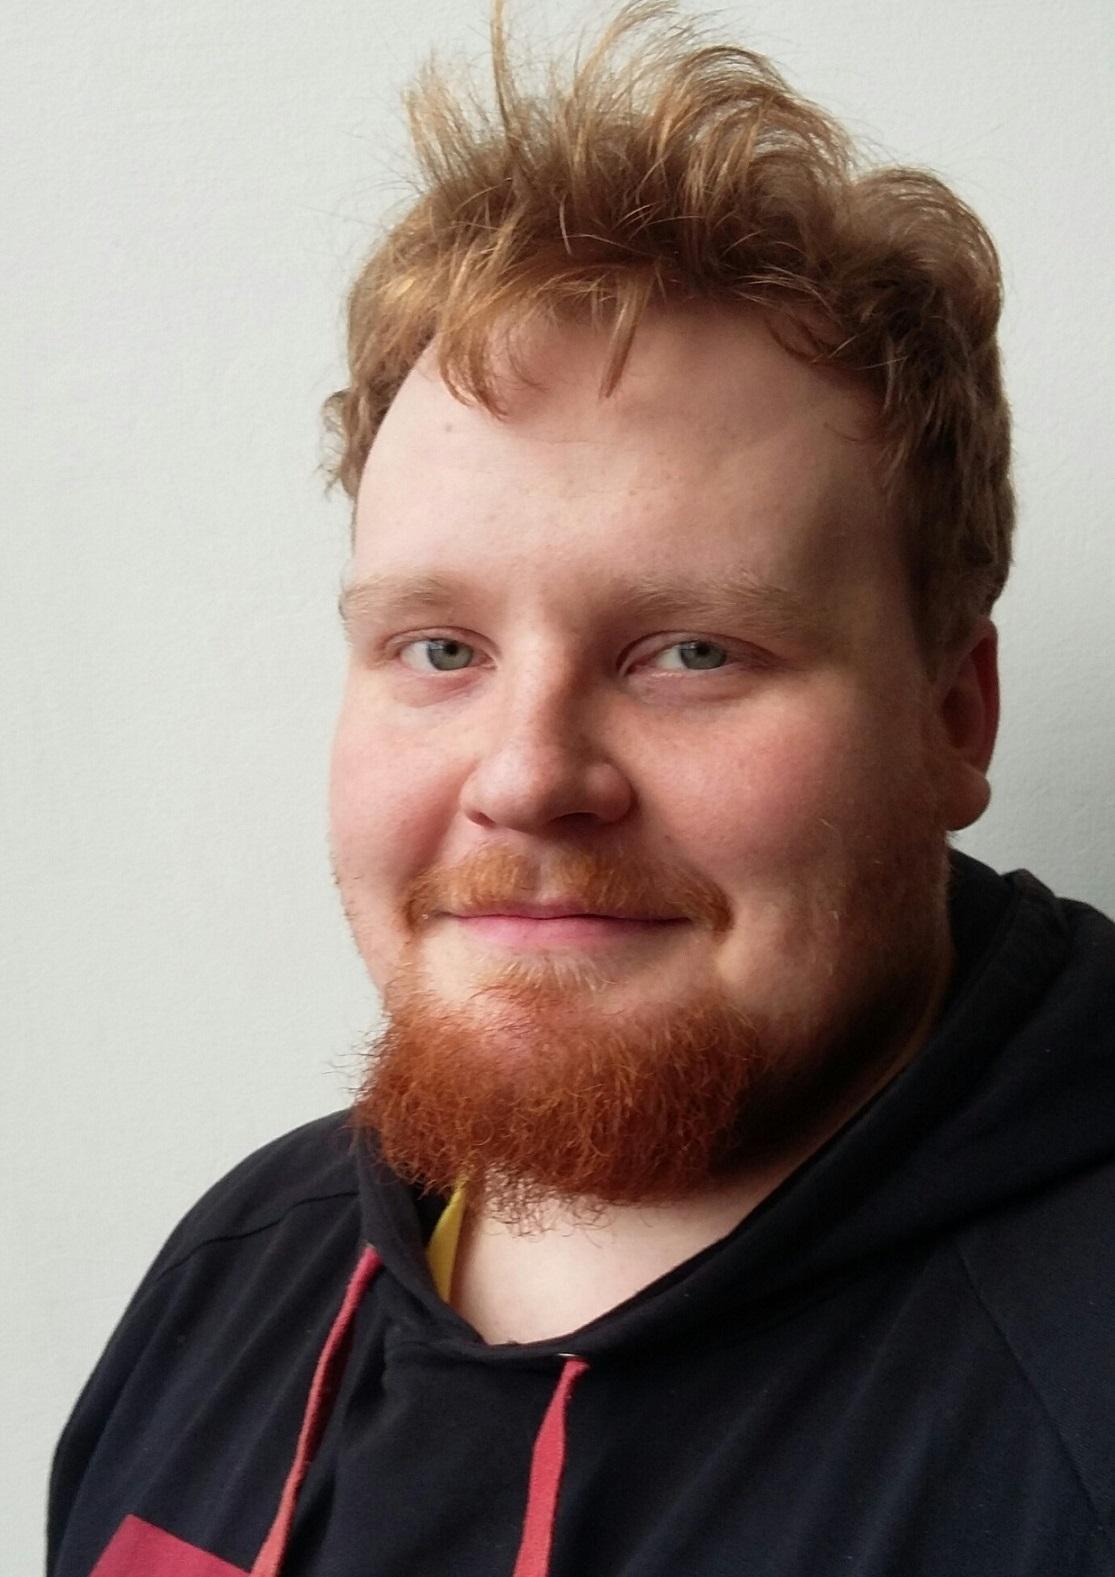 Christoffer Ordén